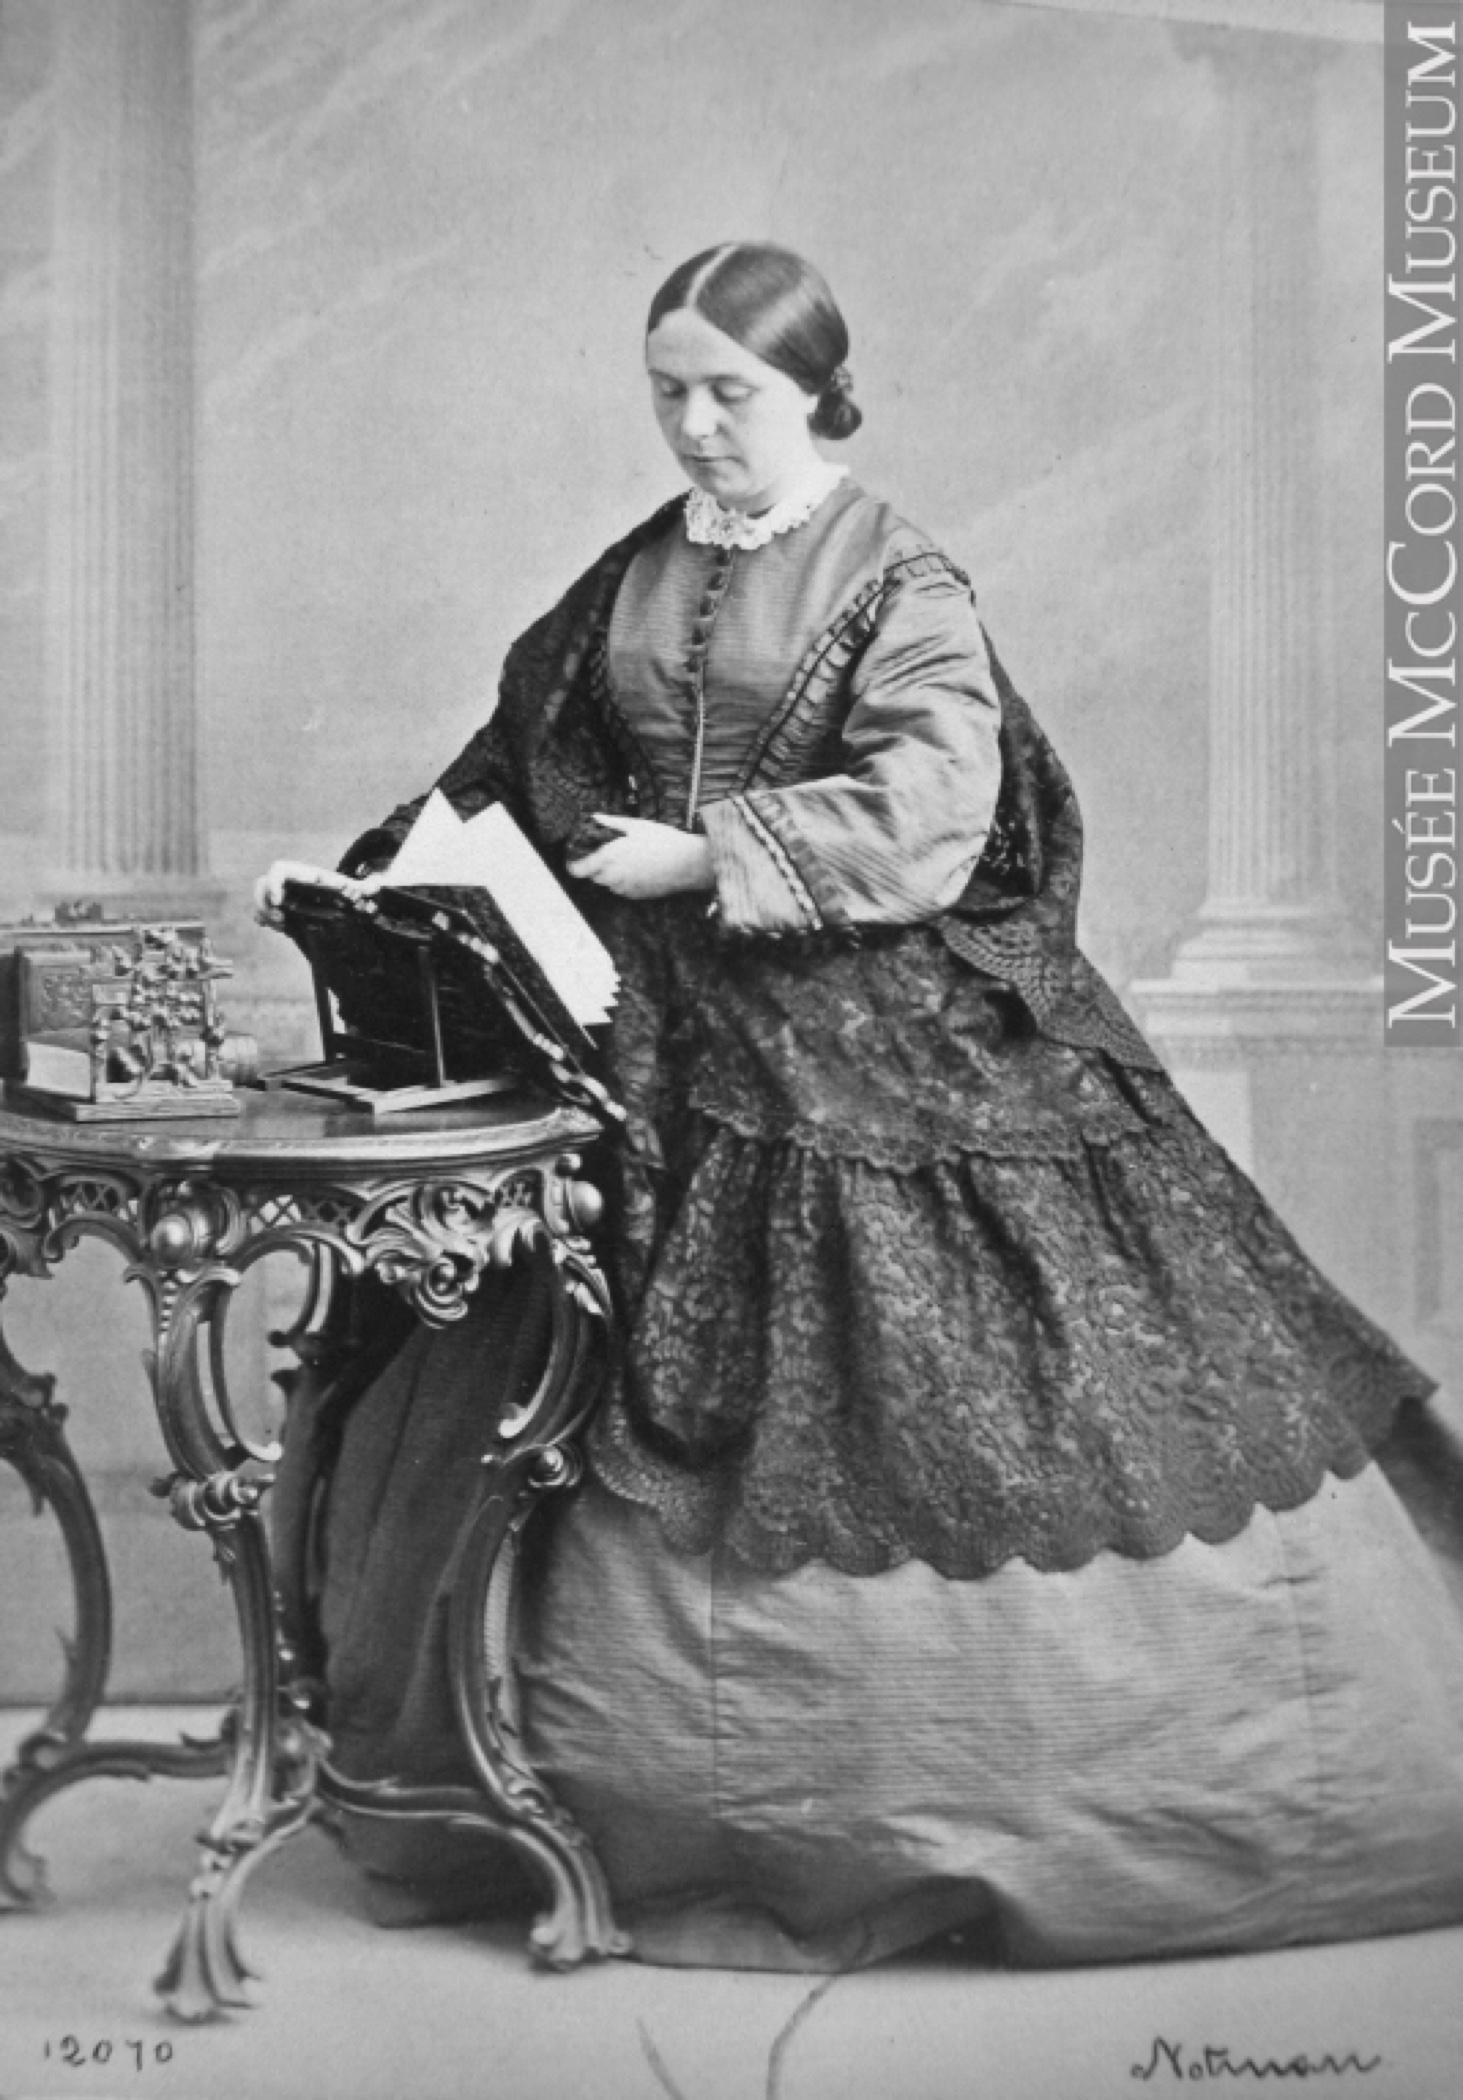 Photo noir et blanc d'une femme (Lady Frances Monck) se tenant debout, vêtue d'une large jupe longue drapée de dentelle, tournant les pages d'un livre déposé sur un lutrin devant elle.